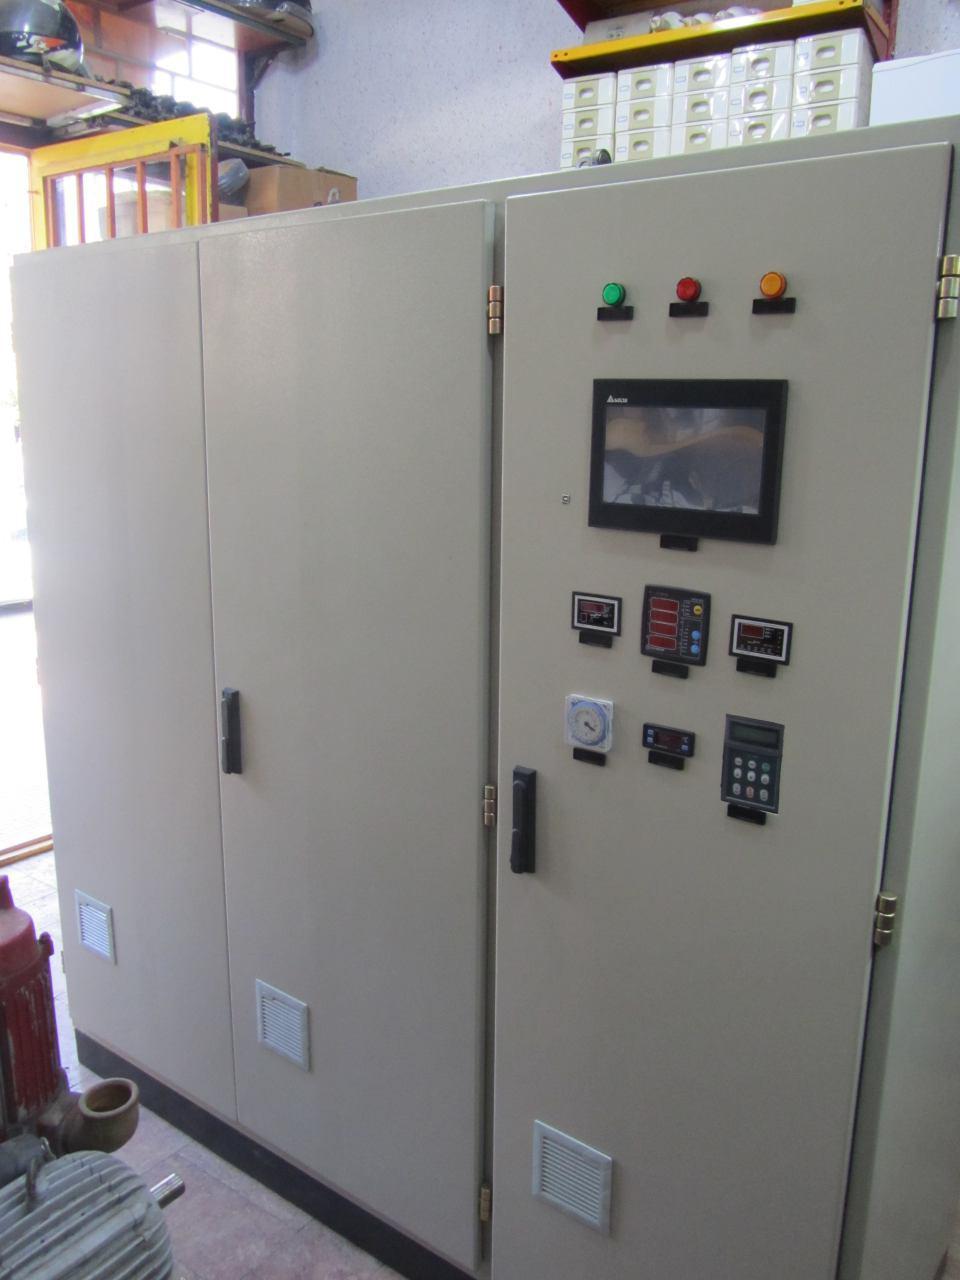 طراحی و ساخت انواع تابلوهای برق و اتوماسیون